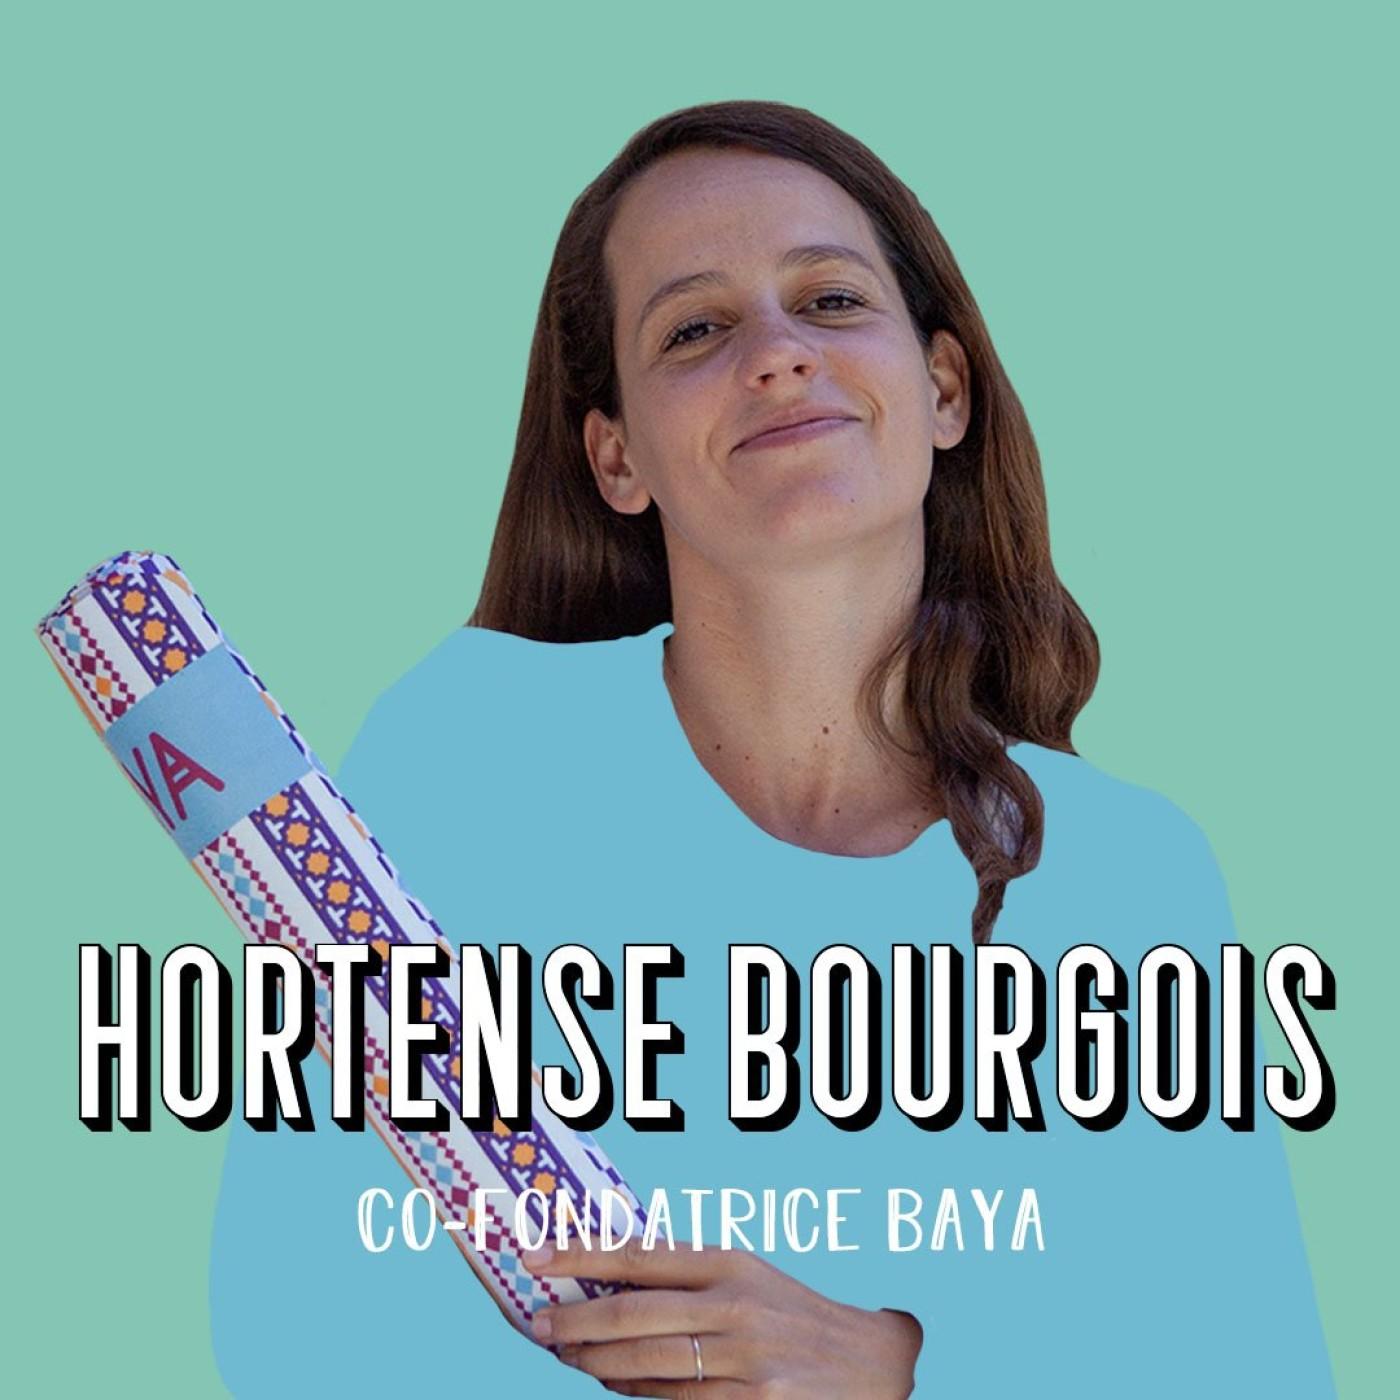 Hortense Bourgois, co-fondatrice de Baya - Le bien-être avant tout